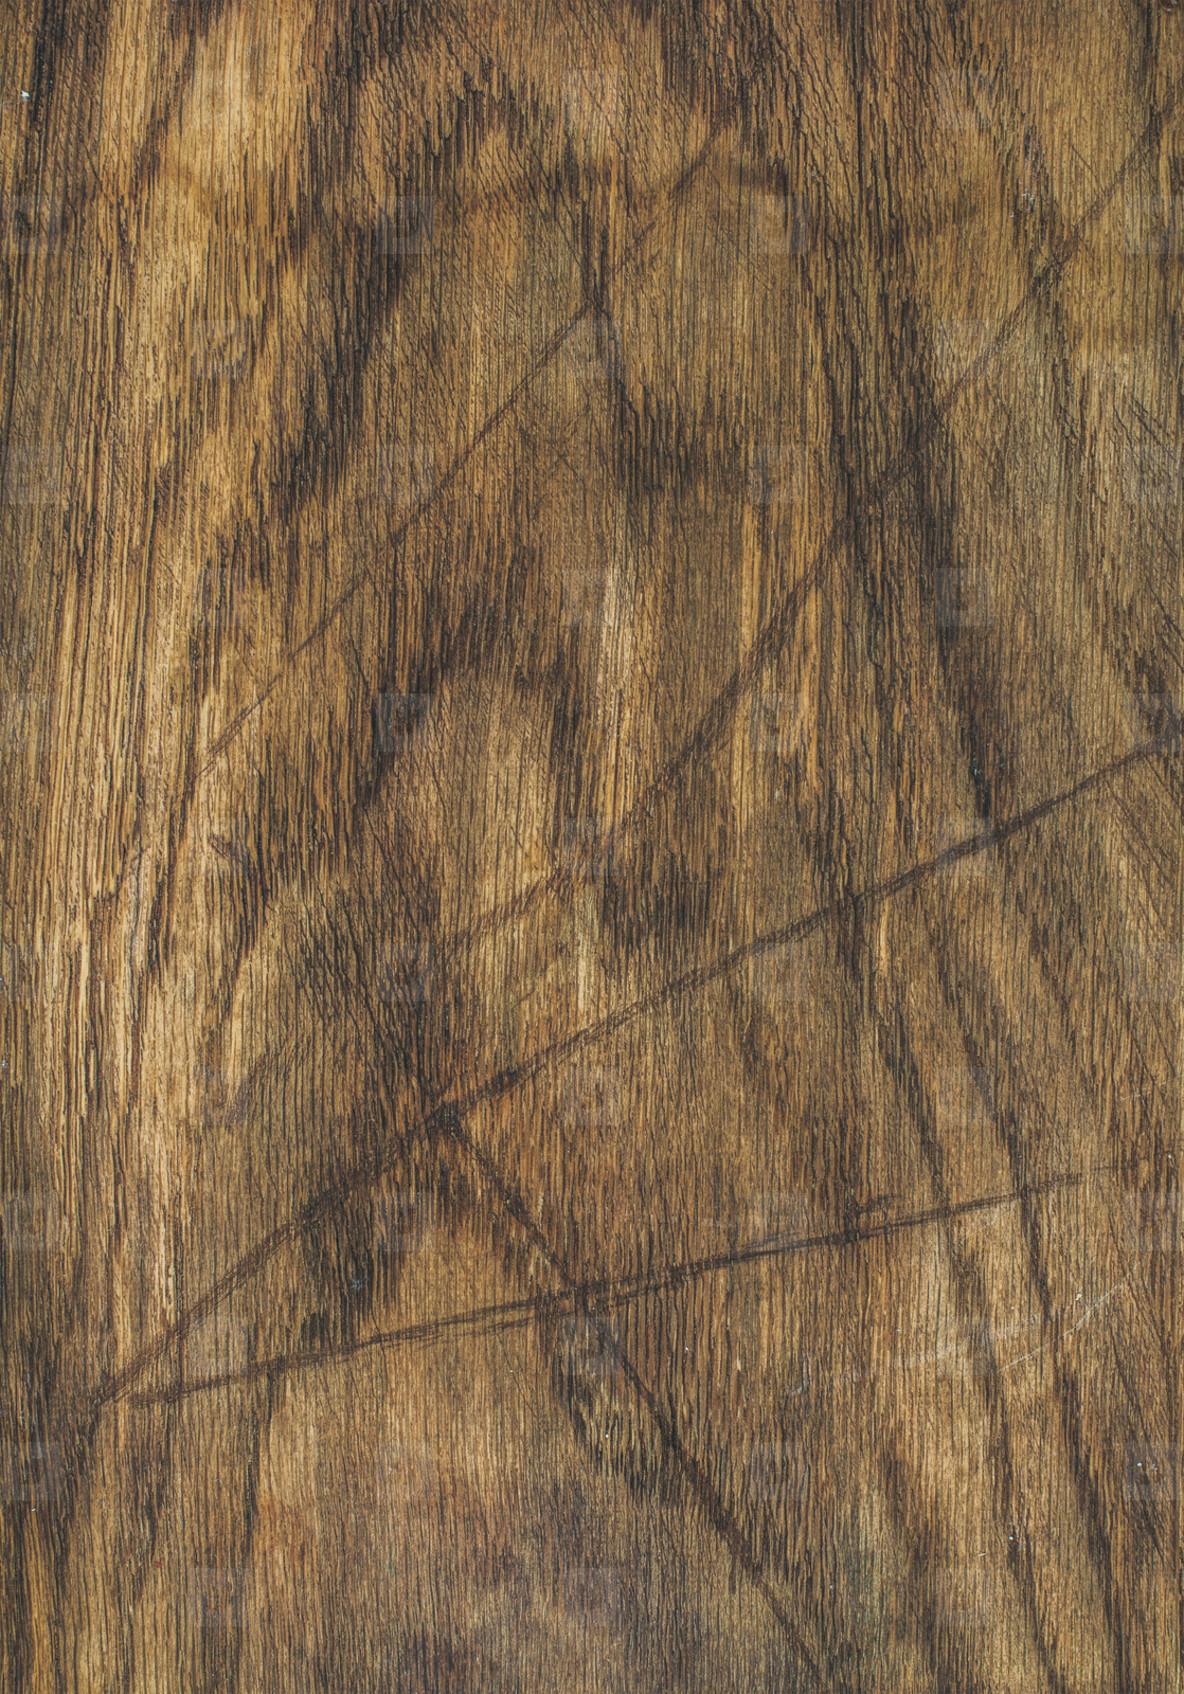 Photos - Natural brown oak wood texture 158285 - YouWorkForThem